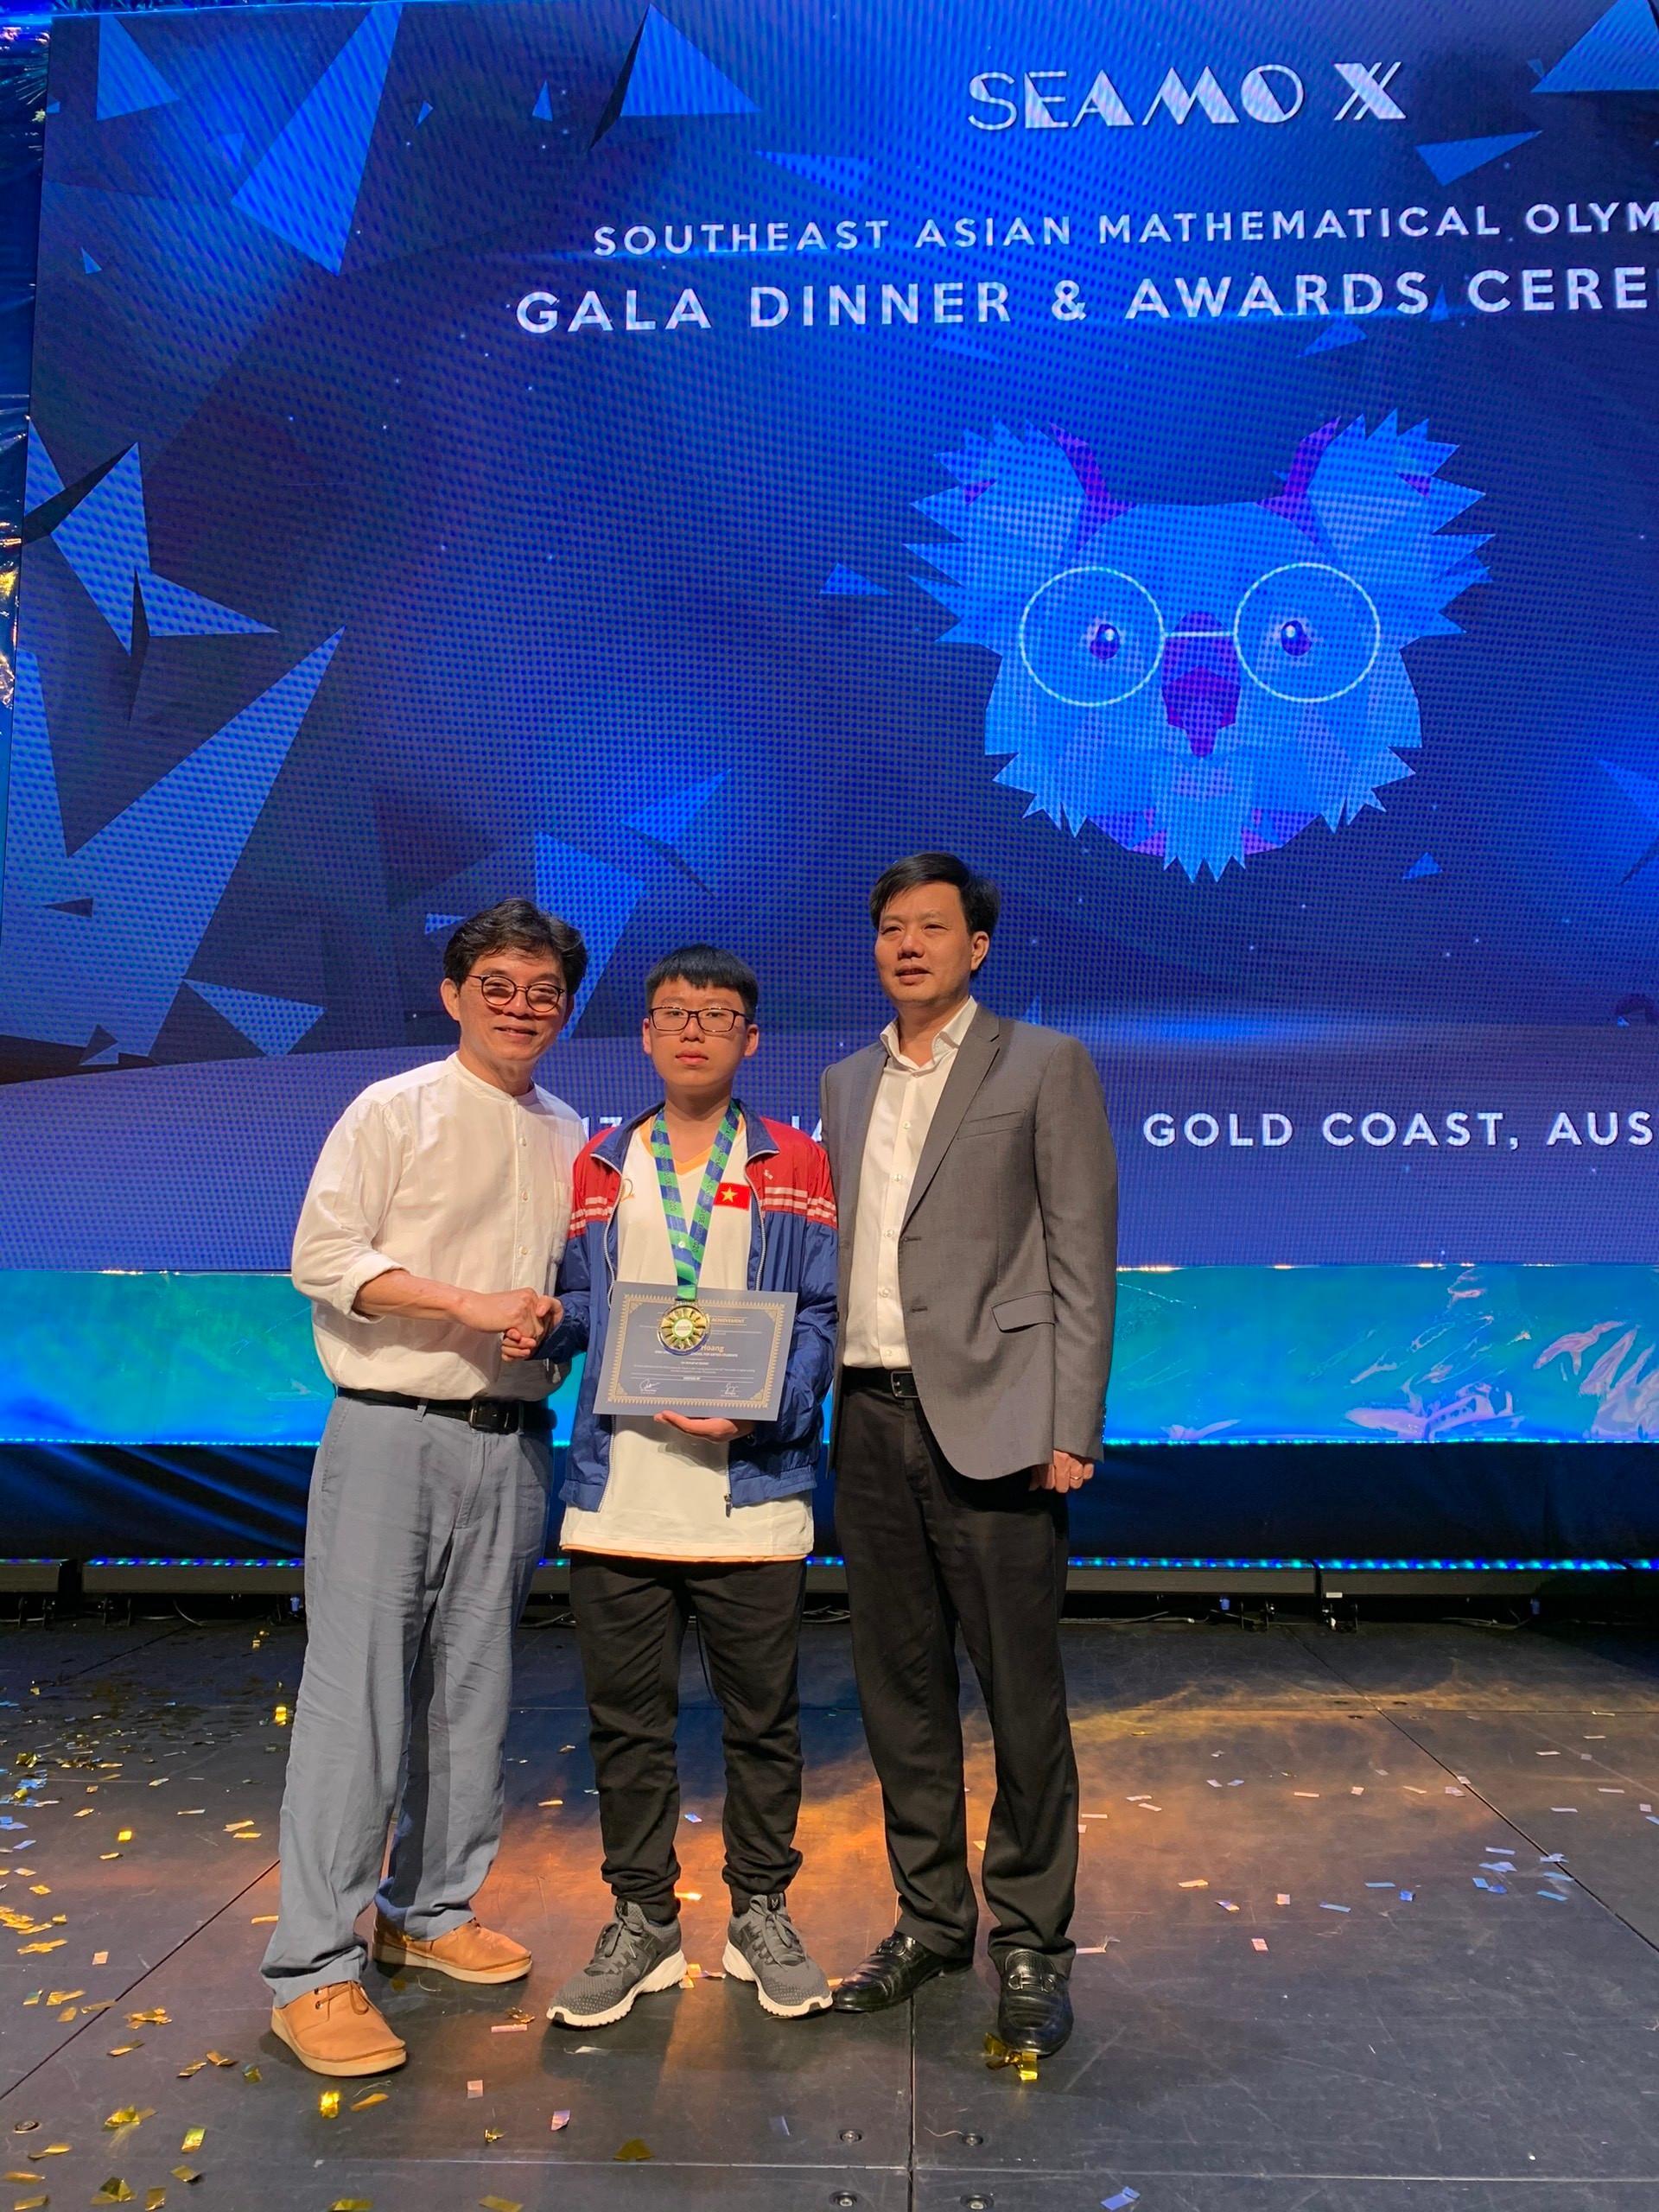 Thí sinh Lê Xuân Hoàng (giữa) cùng giáo sư Terry Chew - nhà sáng lập kỳ thi SEAMO (trái) và Tiến sĩ Nguyễn Hoàng Giang - Viện trưởng Viện nghiên cứu Khoa học Giáo dục Sáng tạo RICE (phải)